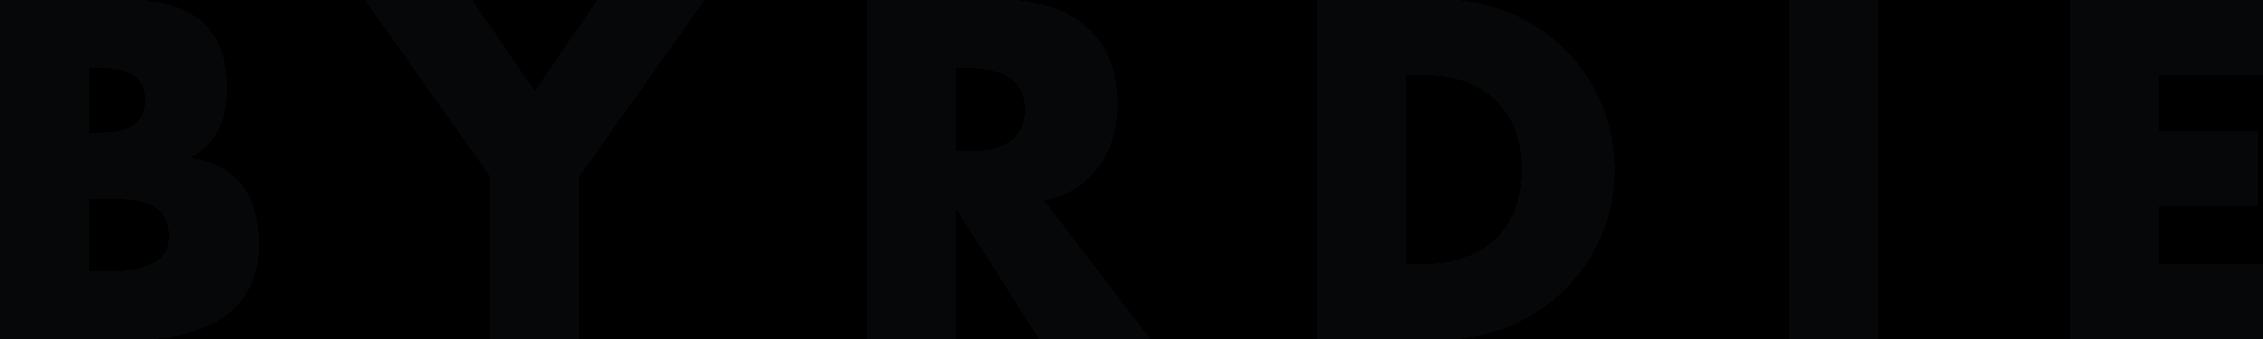 Byrdie - Logo